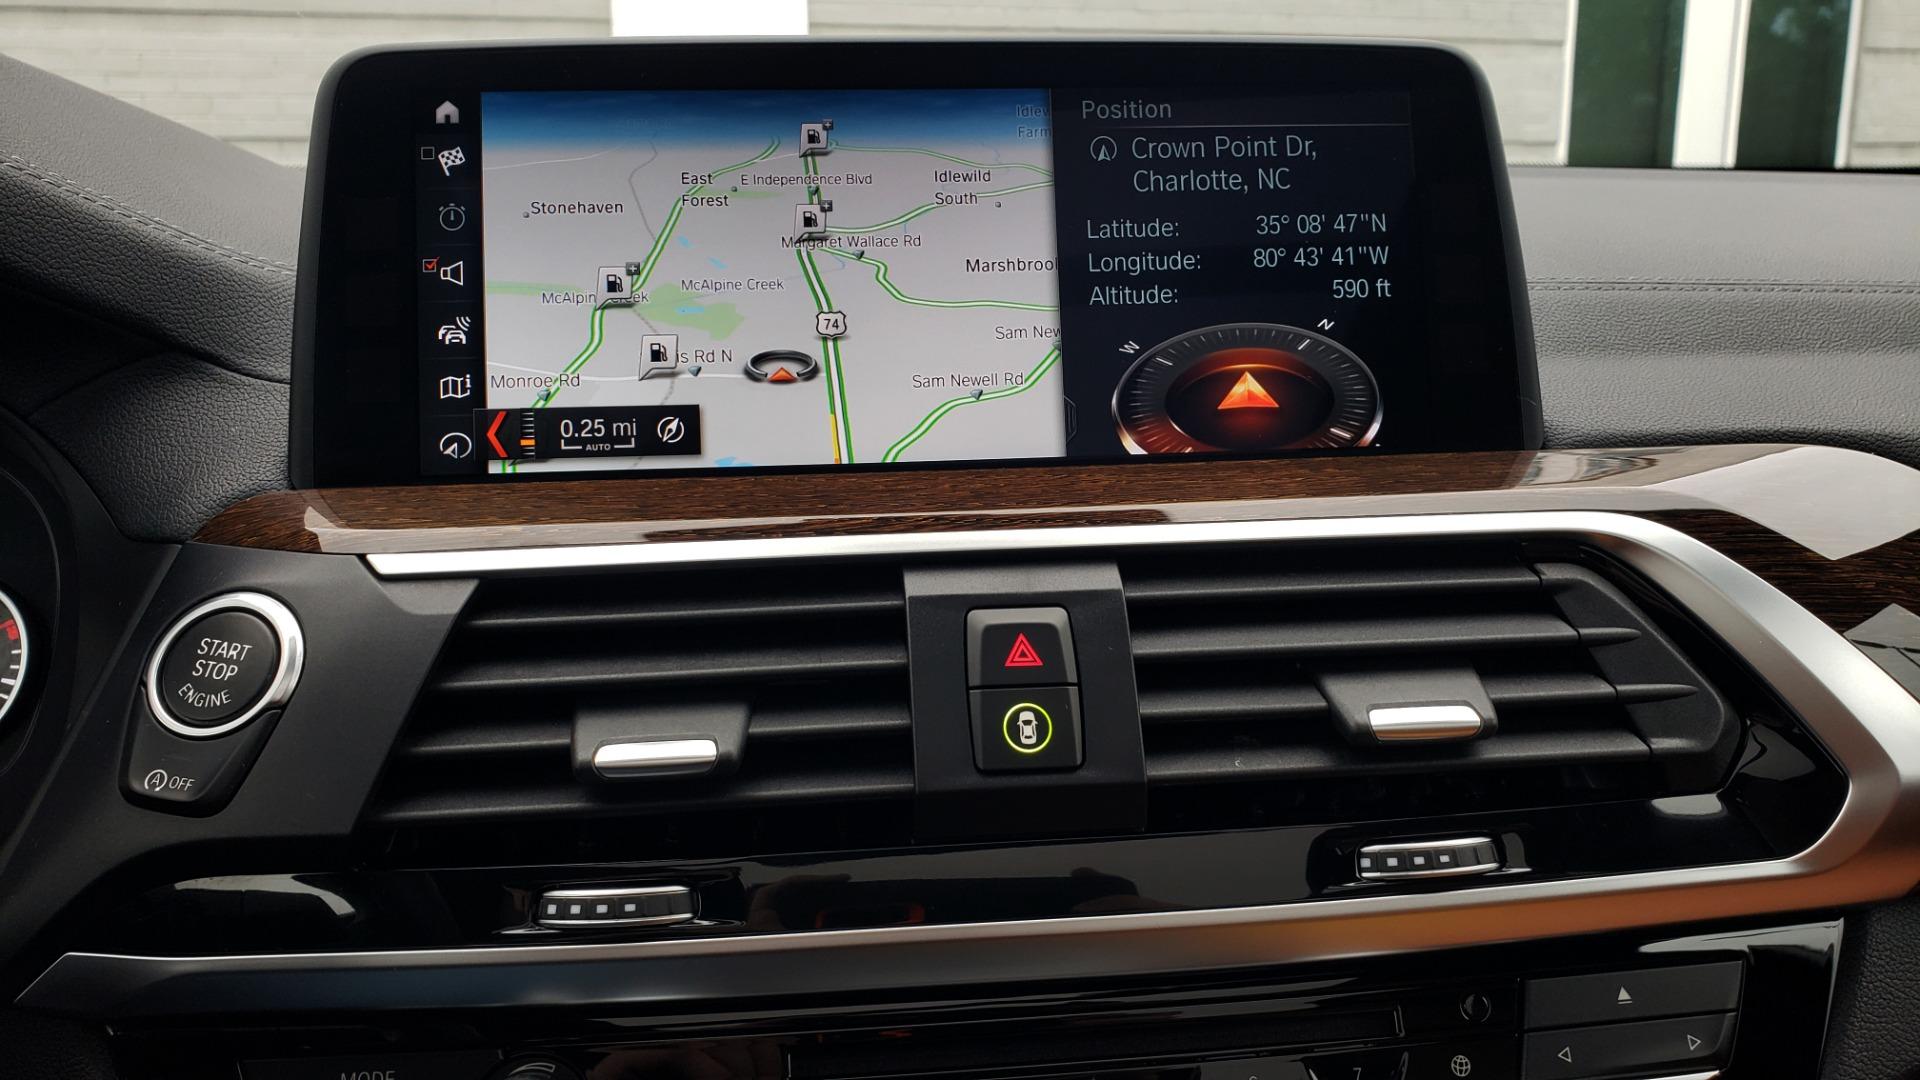 Used 2018 BMW X3 XDRIVE30I / LUX PKG / PREM PKG / CONV PKG / PDC / APPLE CARPLAY for sale Sold at Formula Imports in Charlotte NC 28227 48